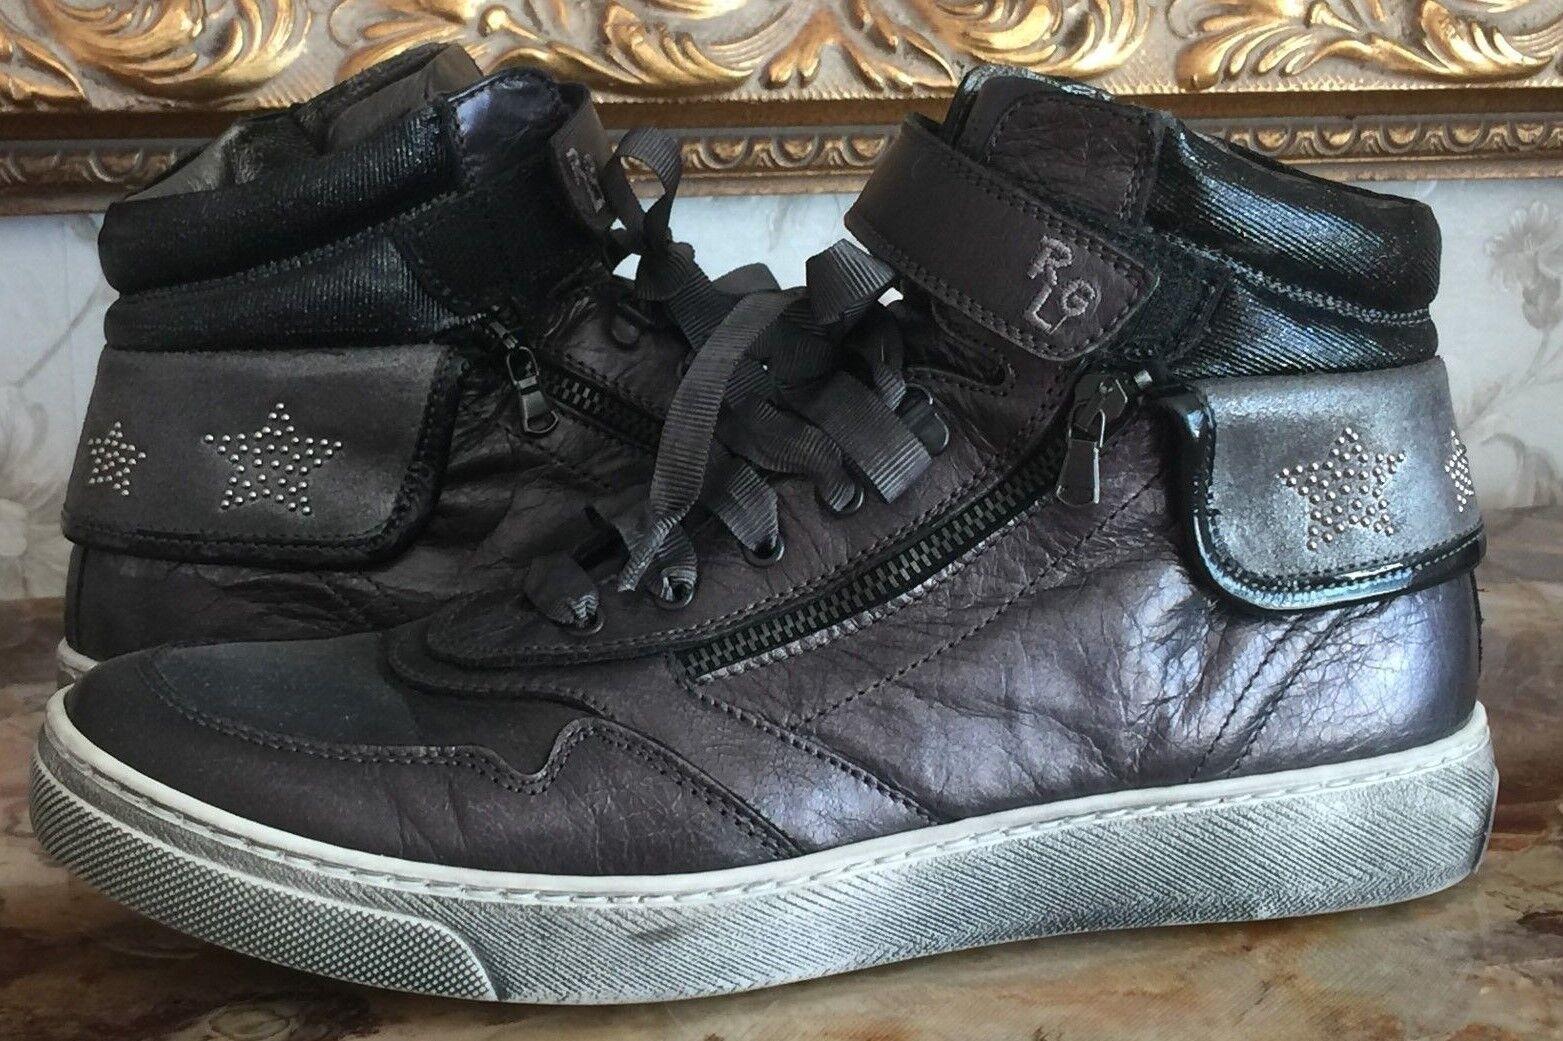 Romagnoli 1882 Negro gris gris gris Con Cordones Zapatos Tenis Cuero Cremallera   UE 39 US 8 Italia  muchas sorpresas